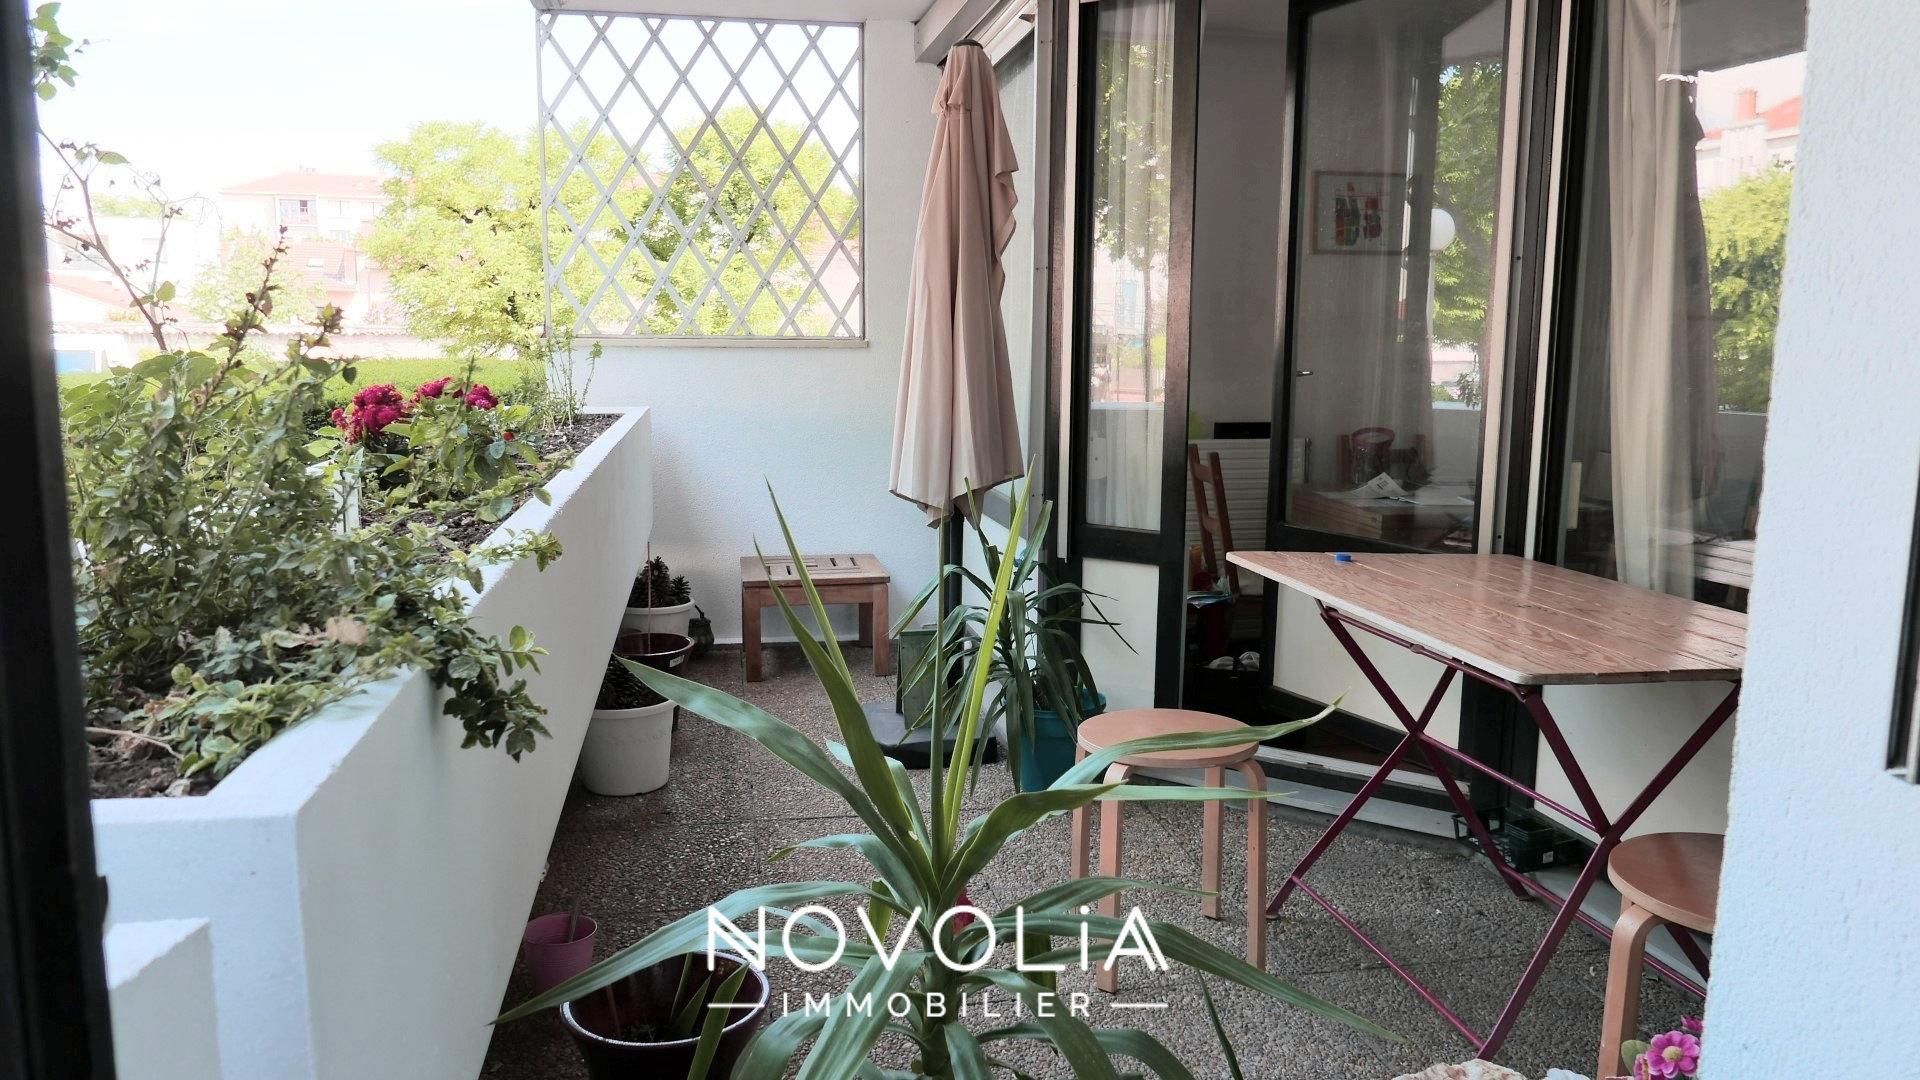 Achat Appartement Surface de 95.14 m², 4 pièces, Vénissieux (69200)